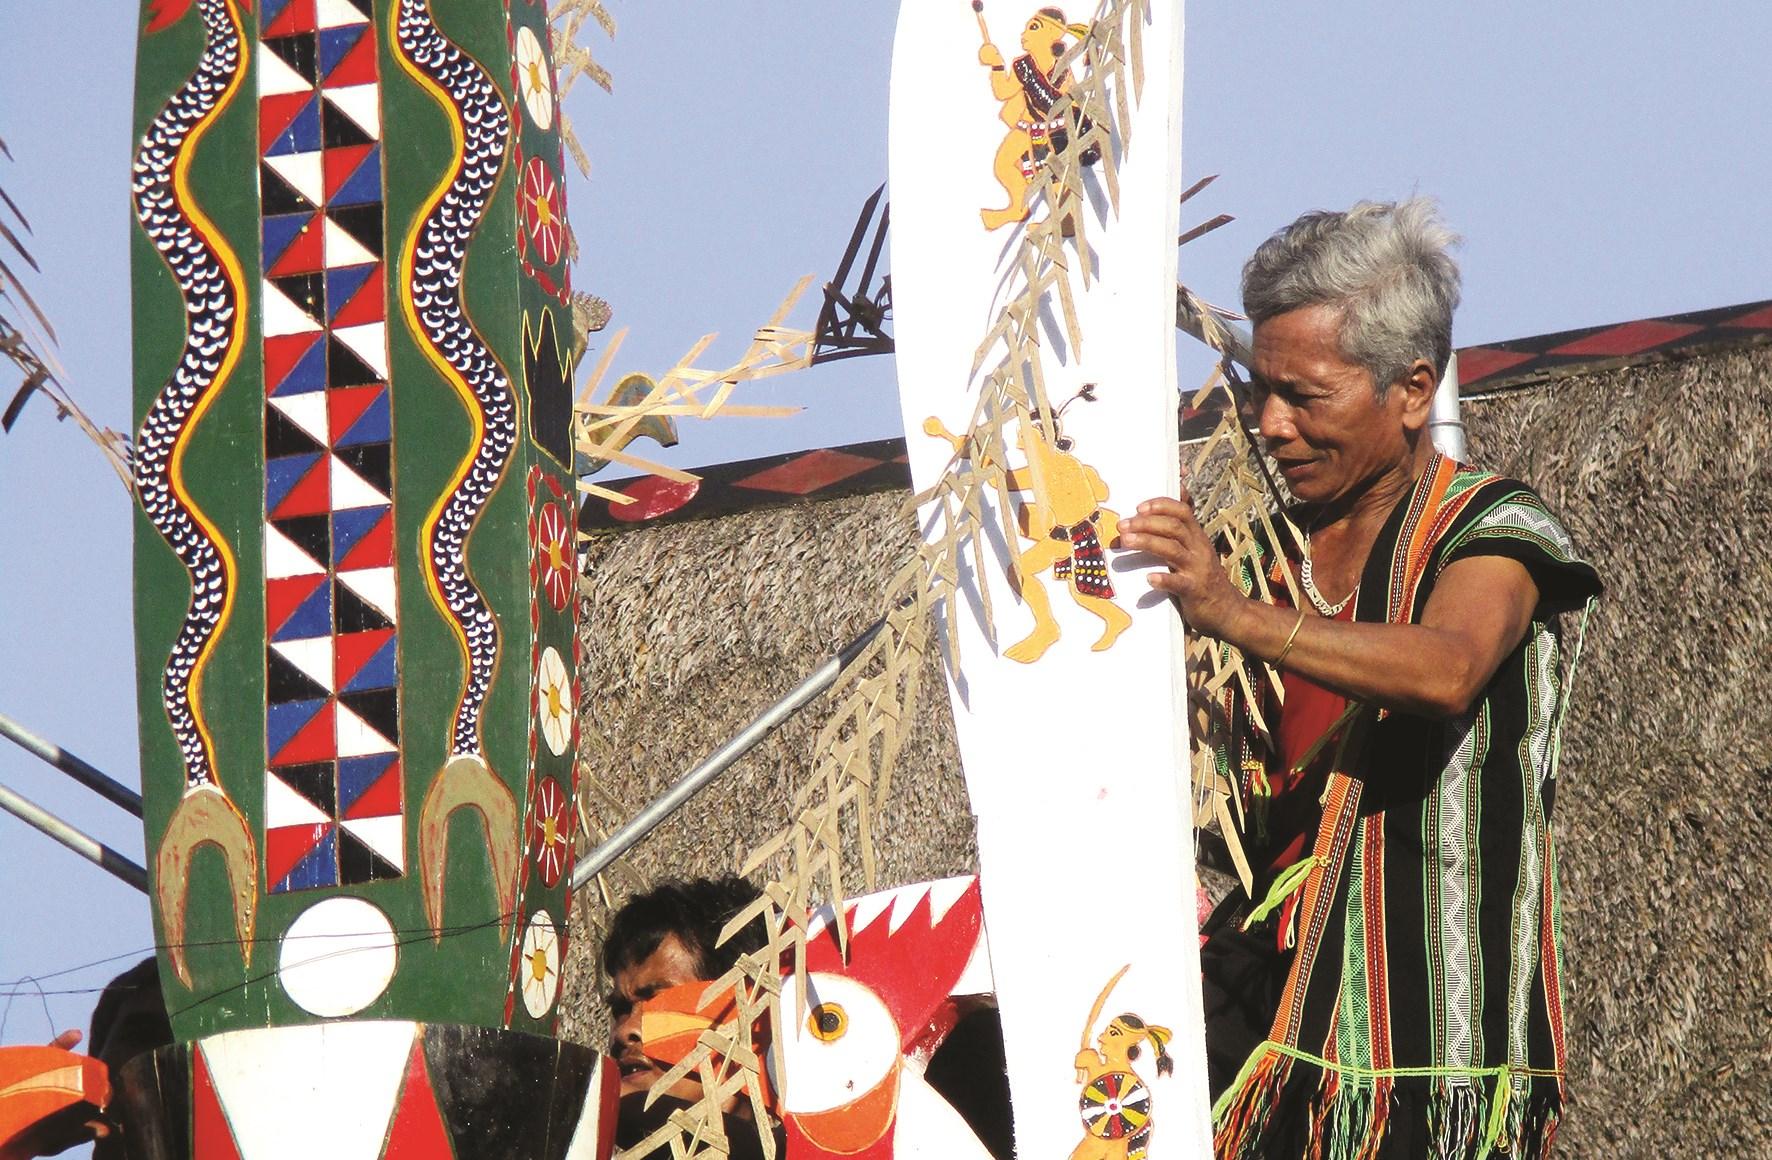 Ông Pố tham gia phục dựng cây nêu truyền thống tại lễ hội văn hóa địa phương